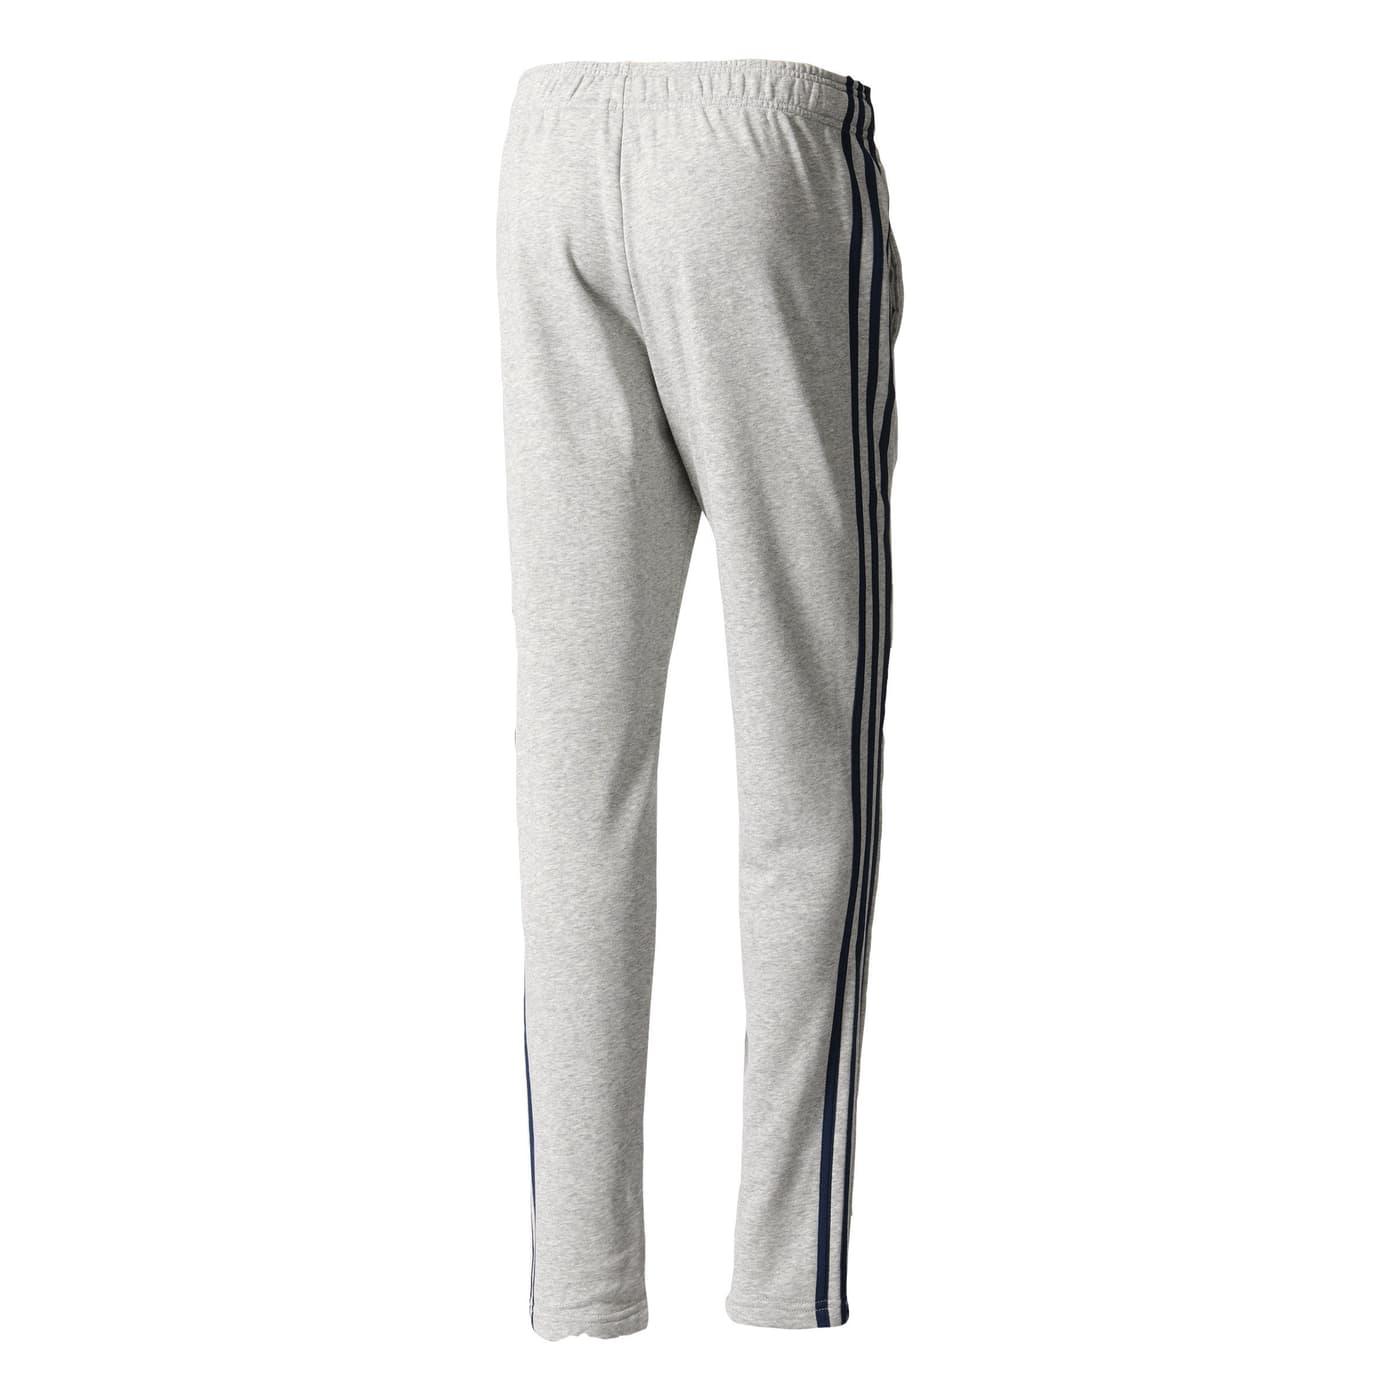 Adidas Essential 3 Streifen Hose Pantalon pour homme